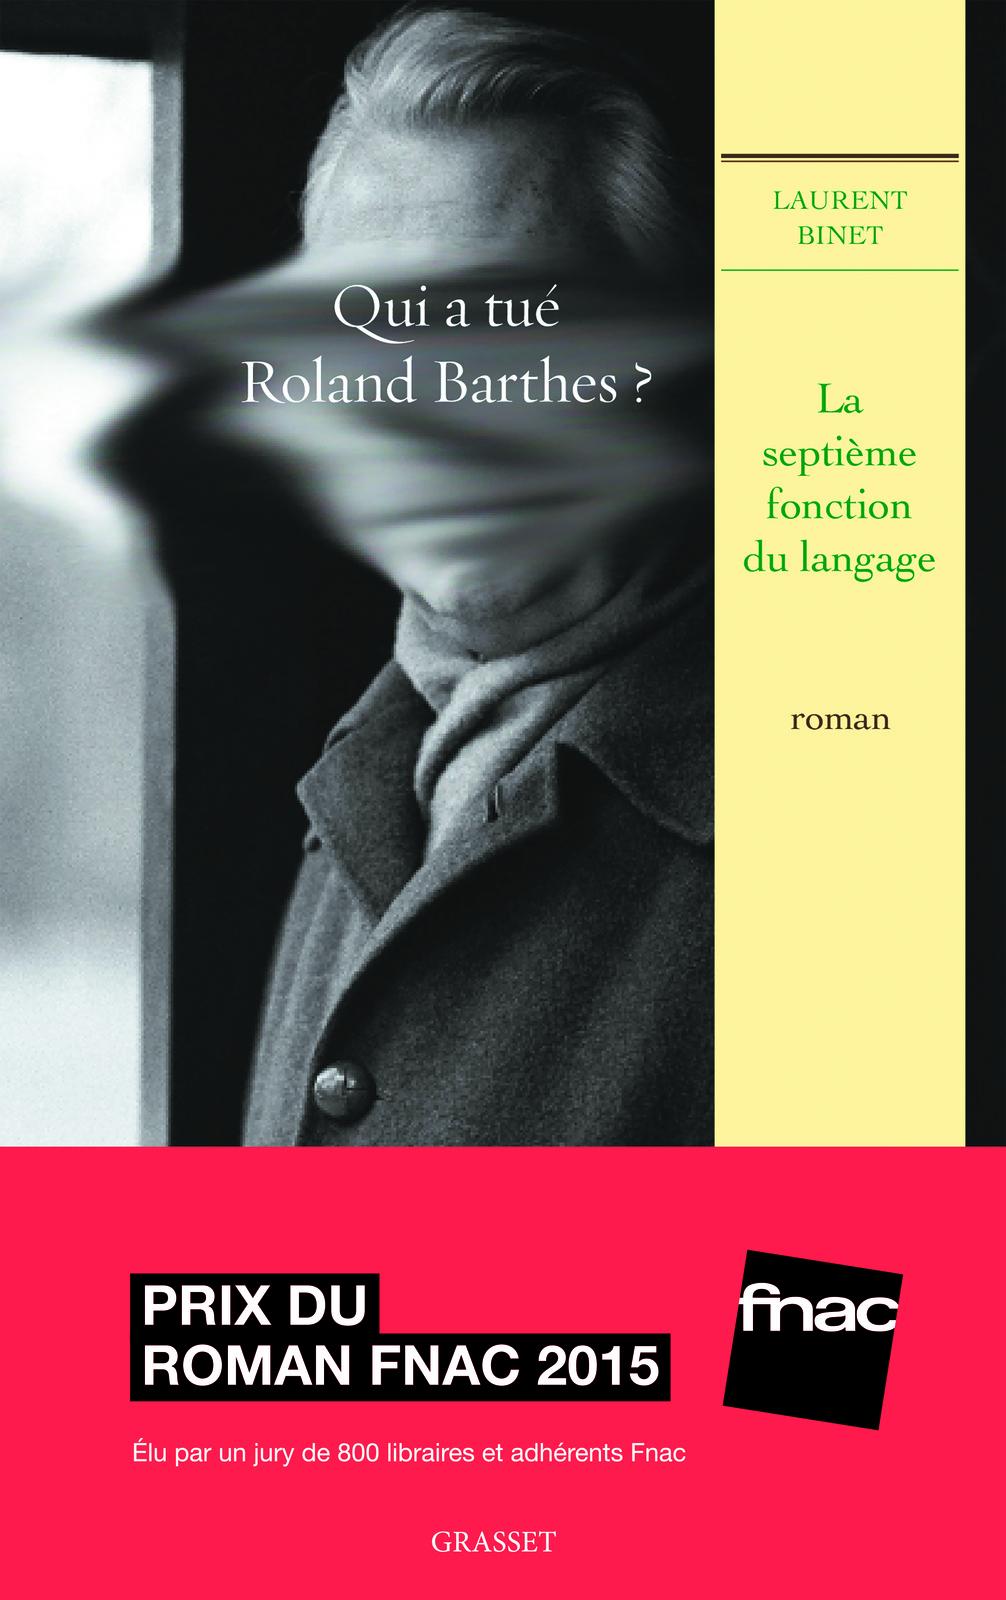 la septième fonction du langage - laurent binet - Qui a tué Roland Barthes? - Editions Grasset